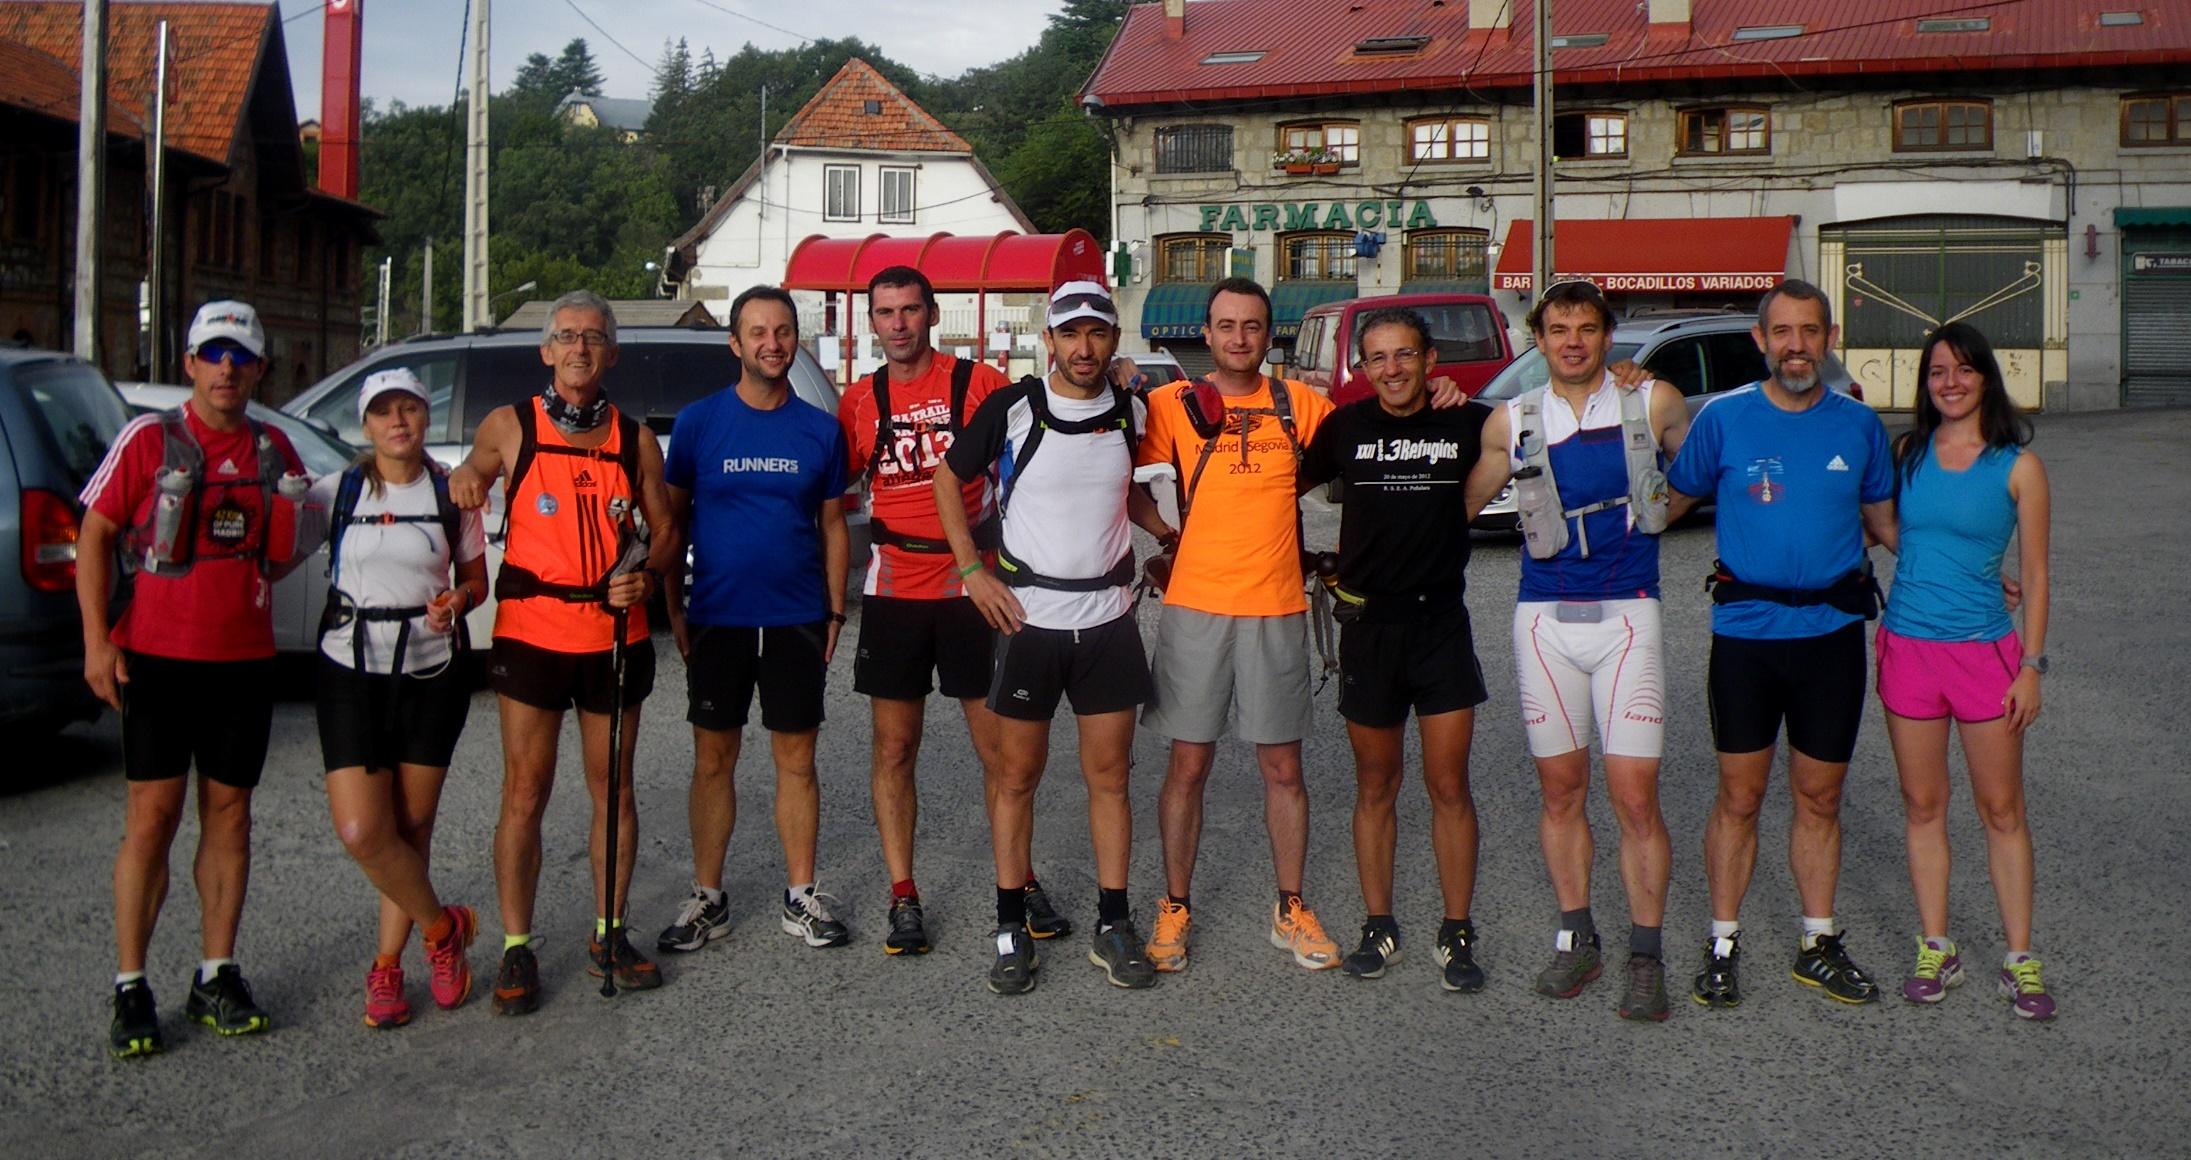 100 Km Madrid Segovia 2013 21sep Guía De Carrera Análisis Recorrido Y Material Ultra Trail Recomendado Carreras De Montaña Por Mayayo